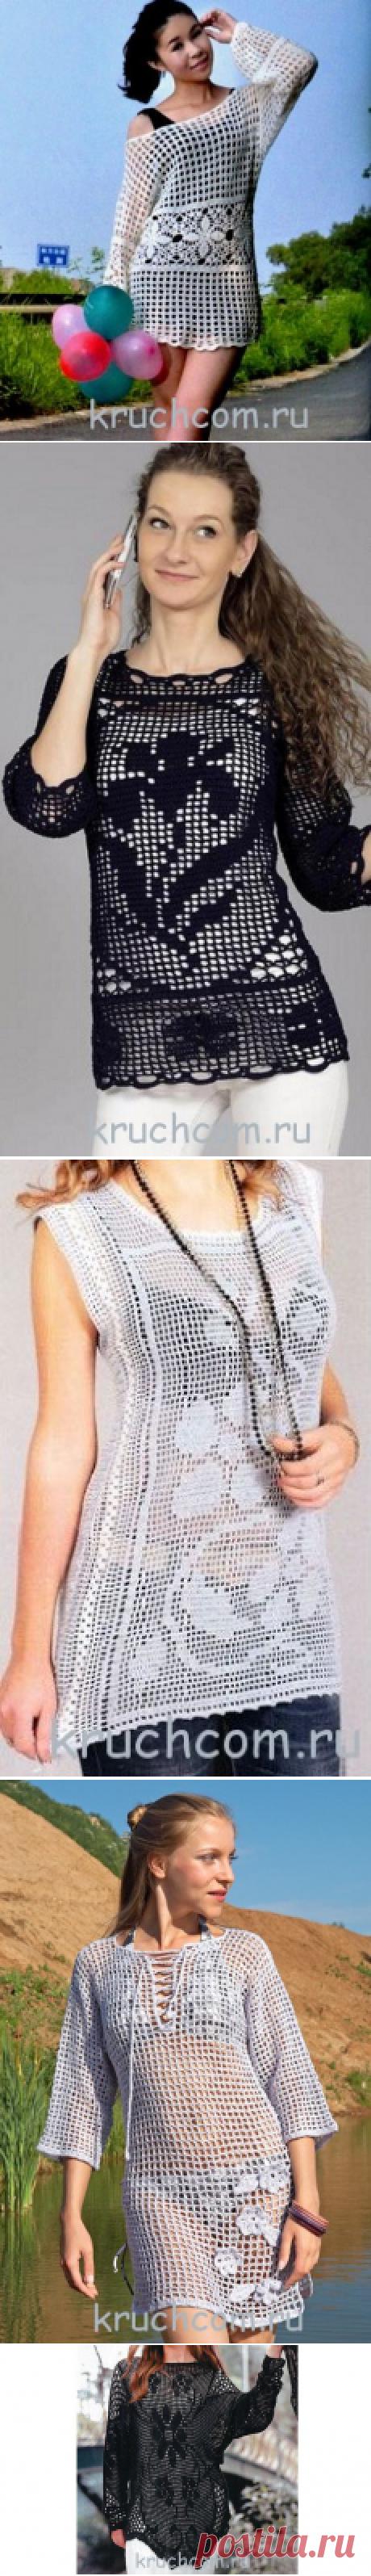 Туники в филейной технике: схемы, пошаговые инструкции вязки – Kruchcom.ru